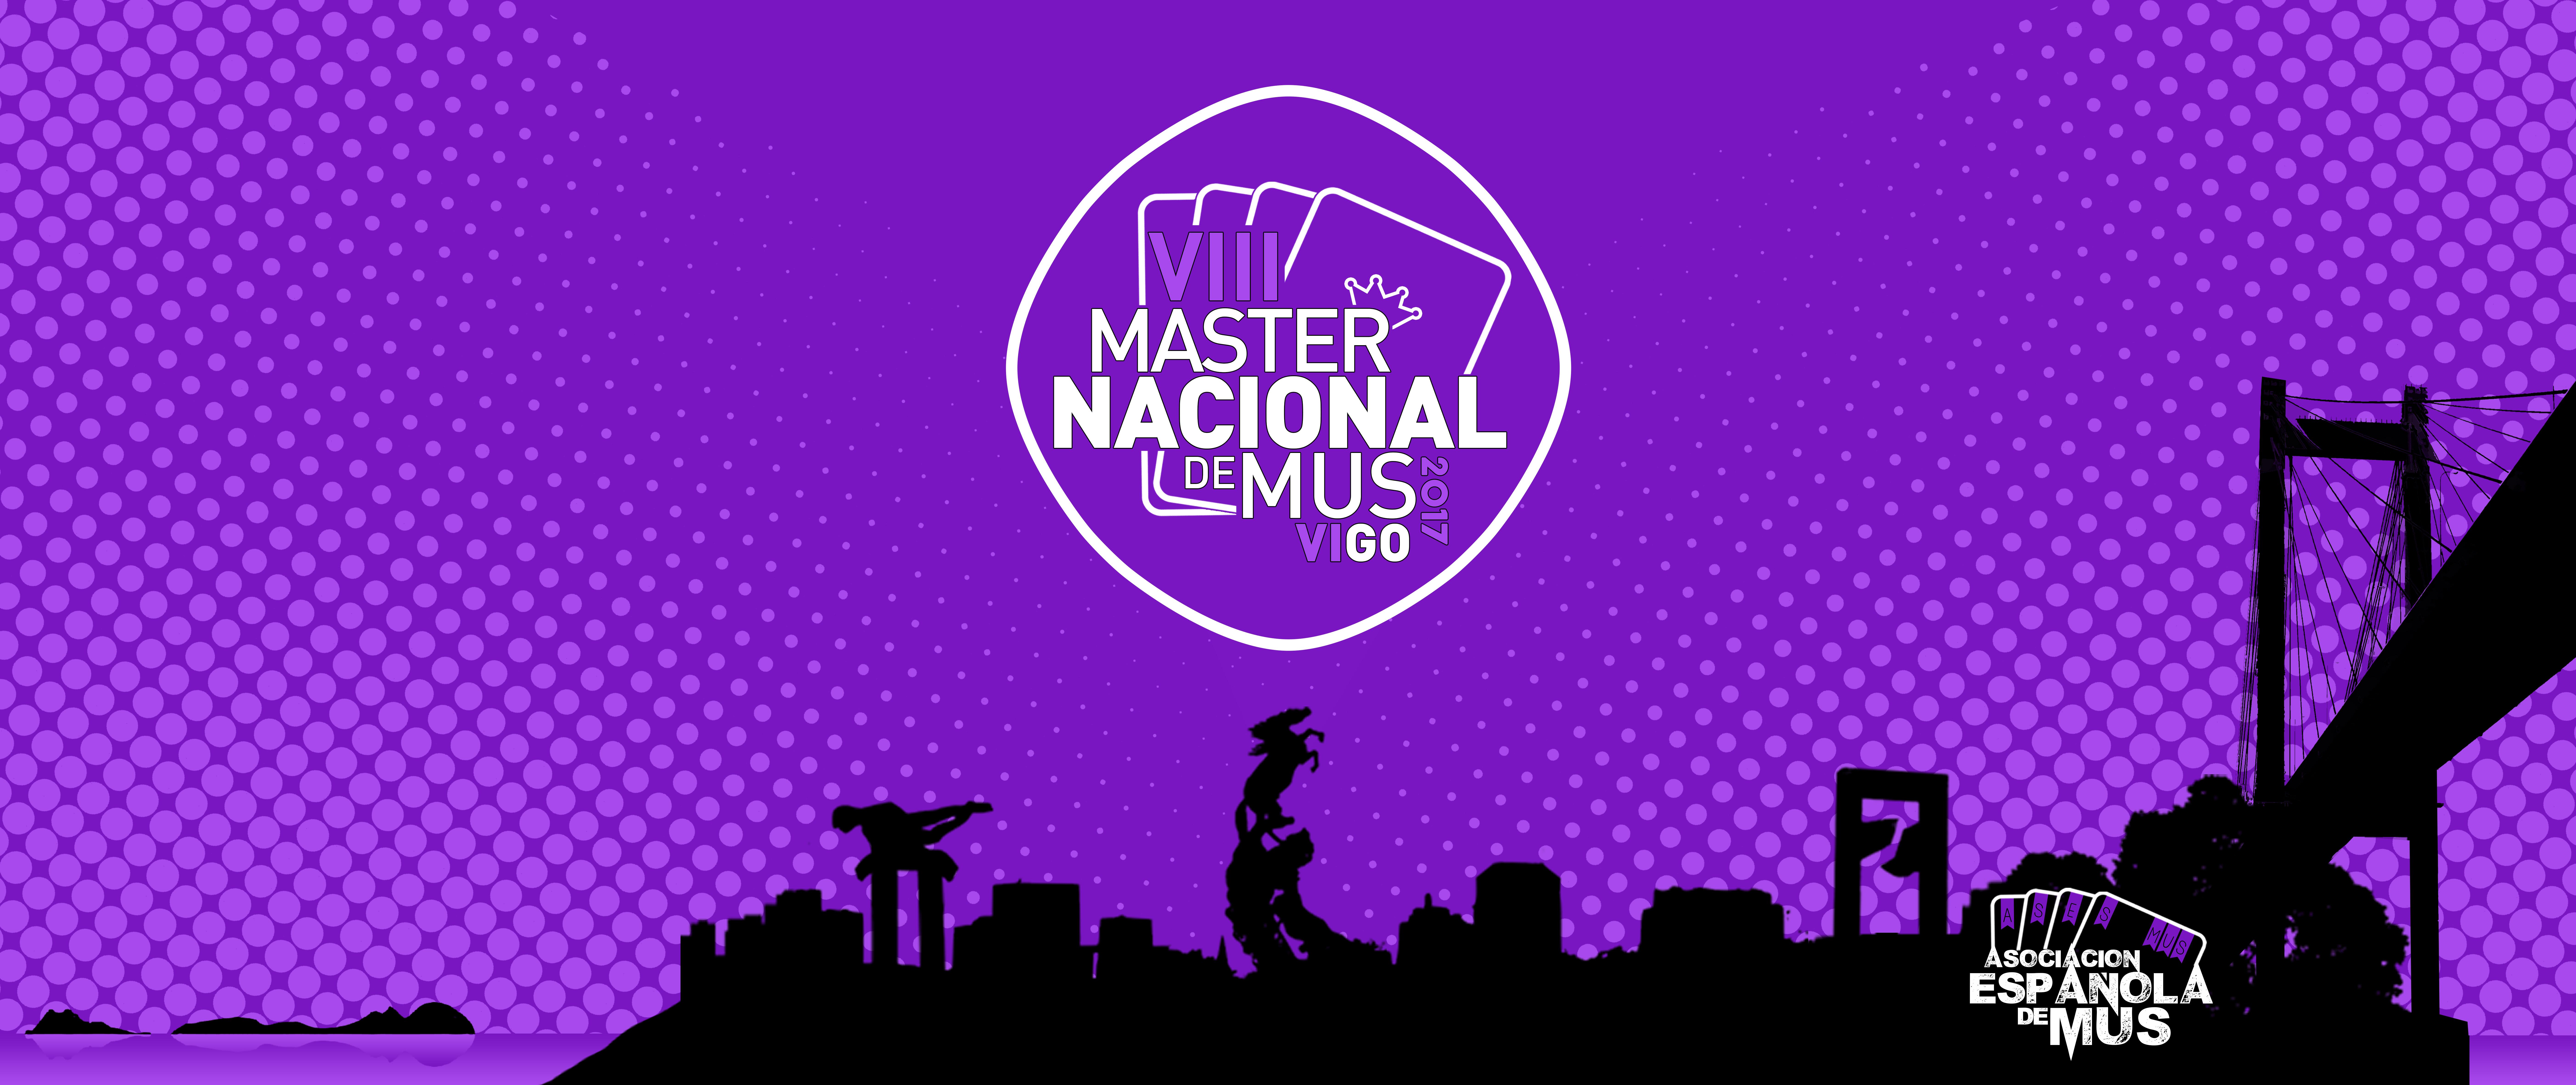 Sedes Master Nacional de Mus 2017 y 2018.